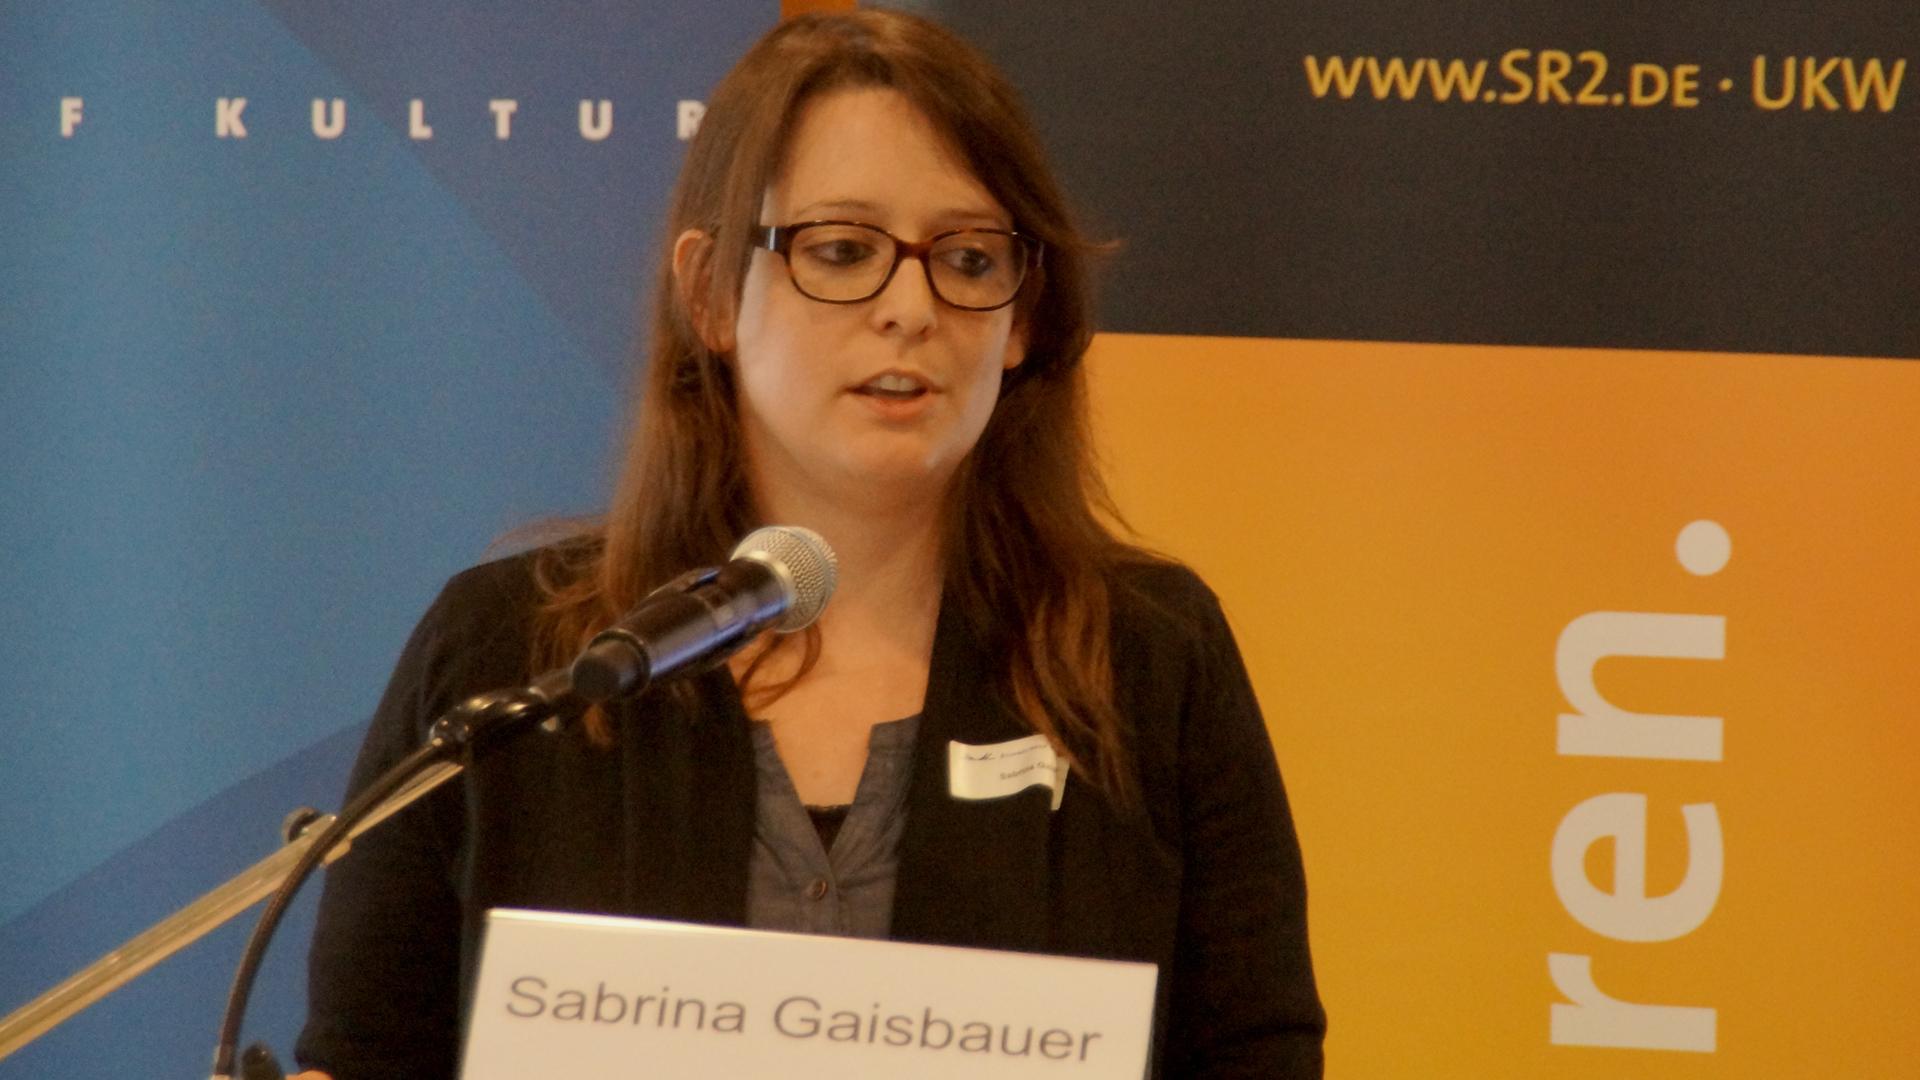 """Sabrina Gaisbauer von der Bundeszentrale für politische Bildung: """"Wir dürfen den analogen Austausch nicht vergessen"""""""